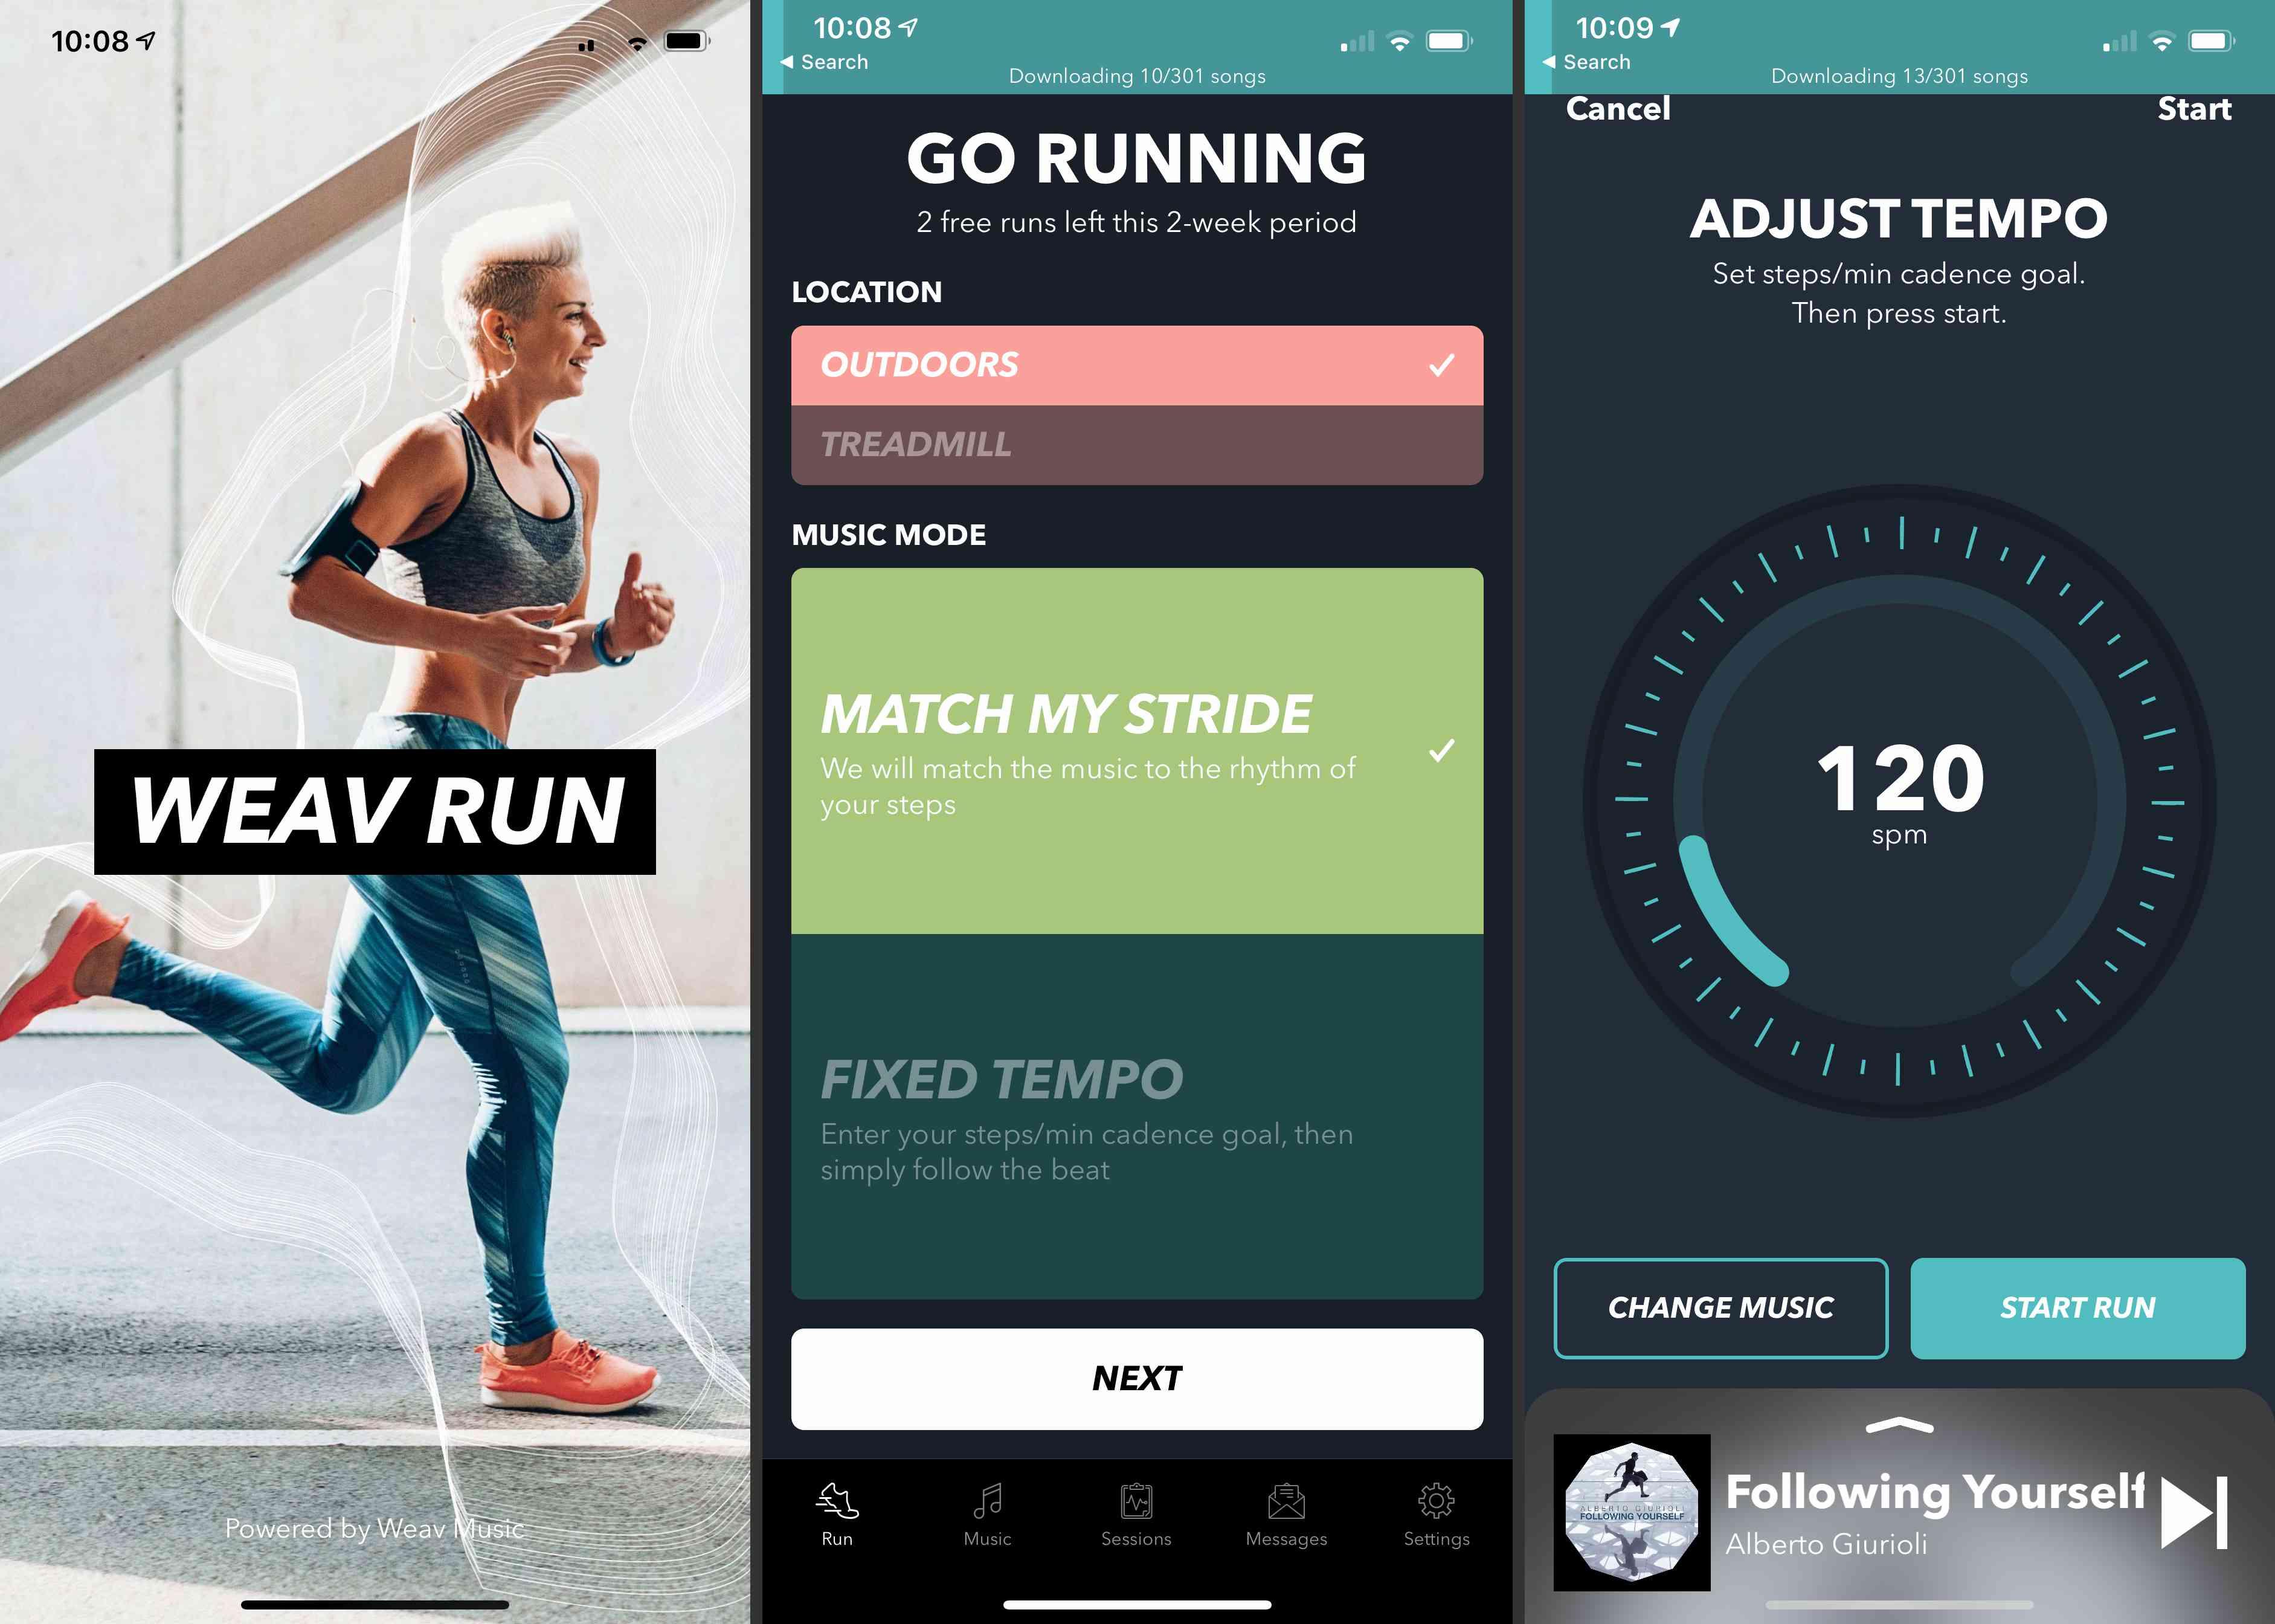 Weav Run app